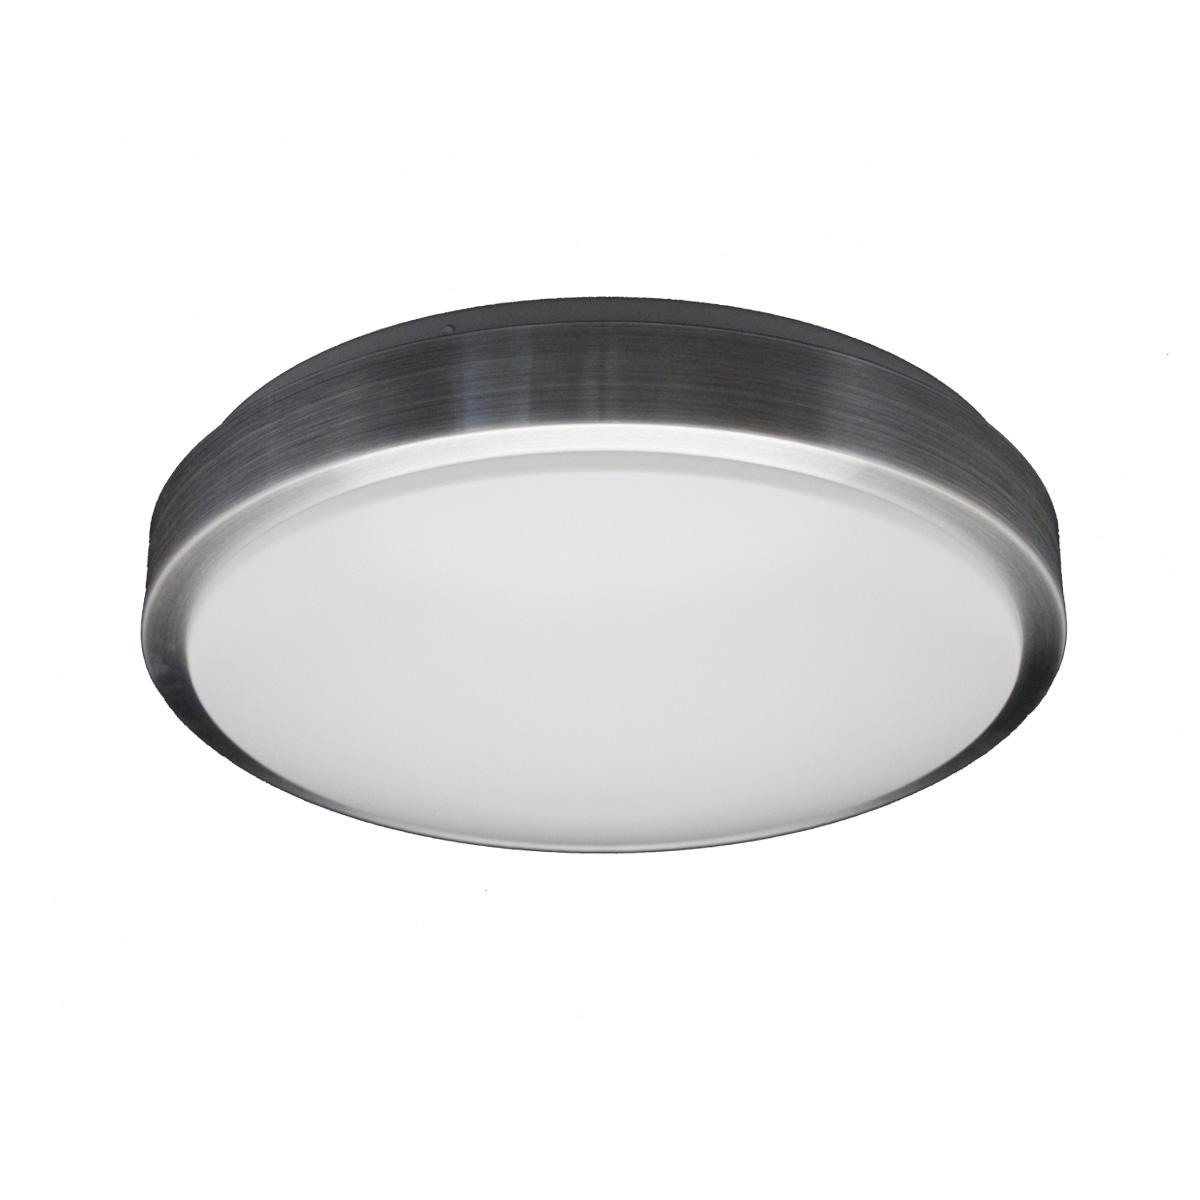 LED plafonjera 1.0009-P390